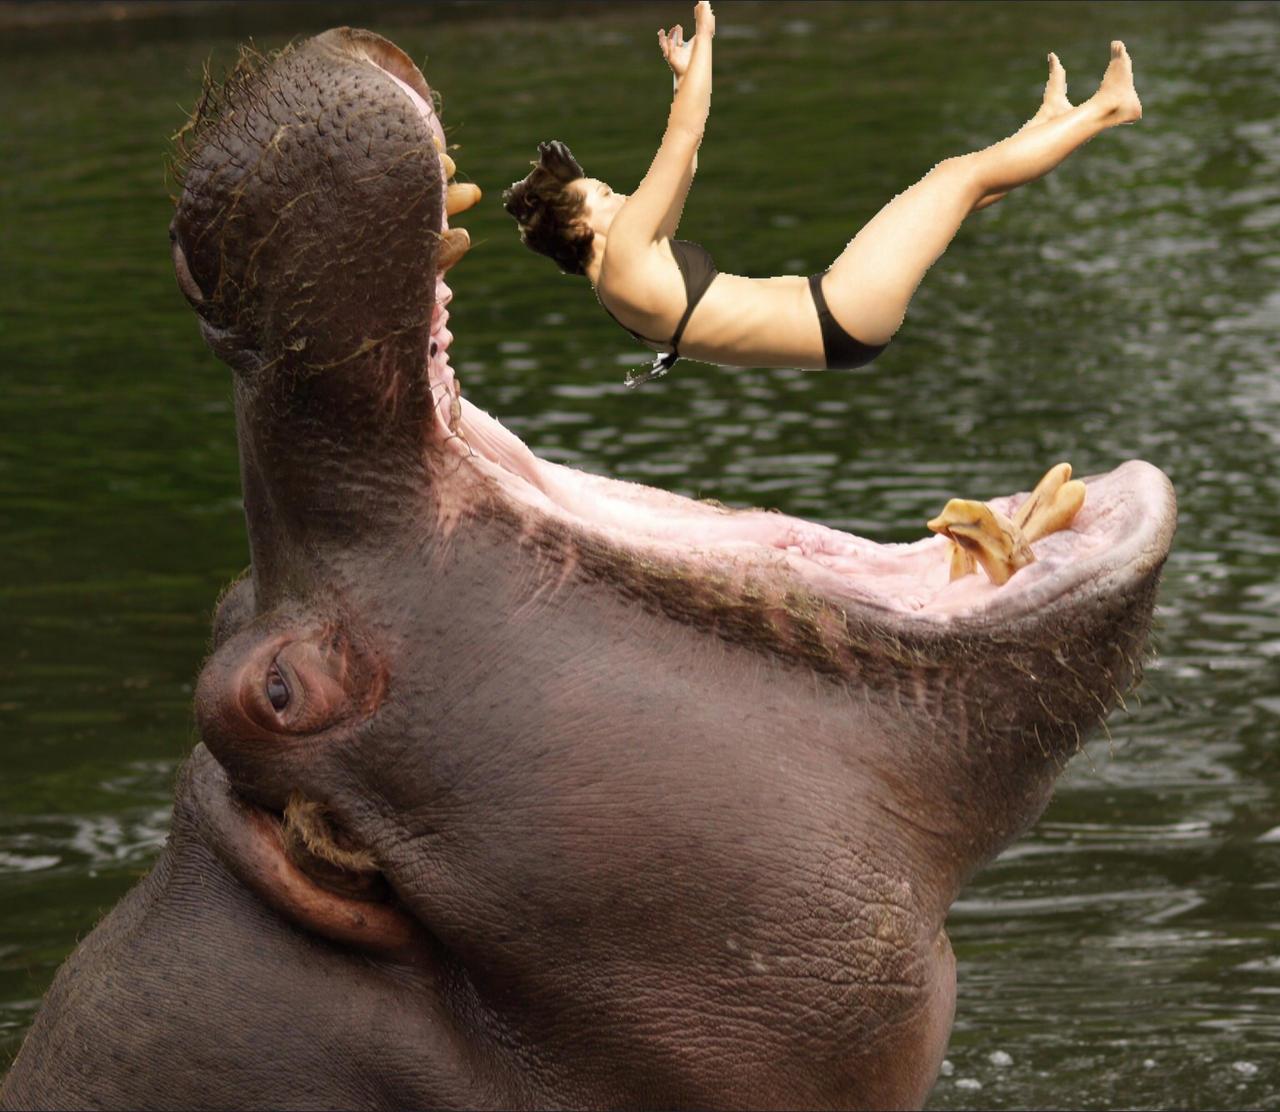 Hippo vore 9 by Voremainia on DeviantArt